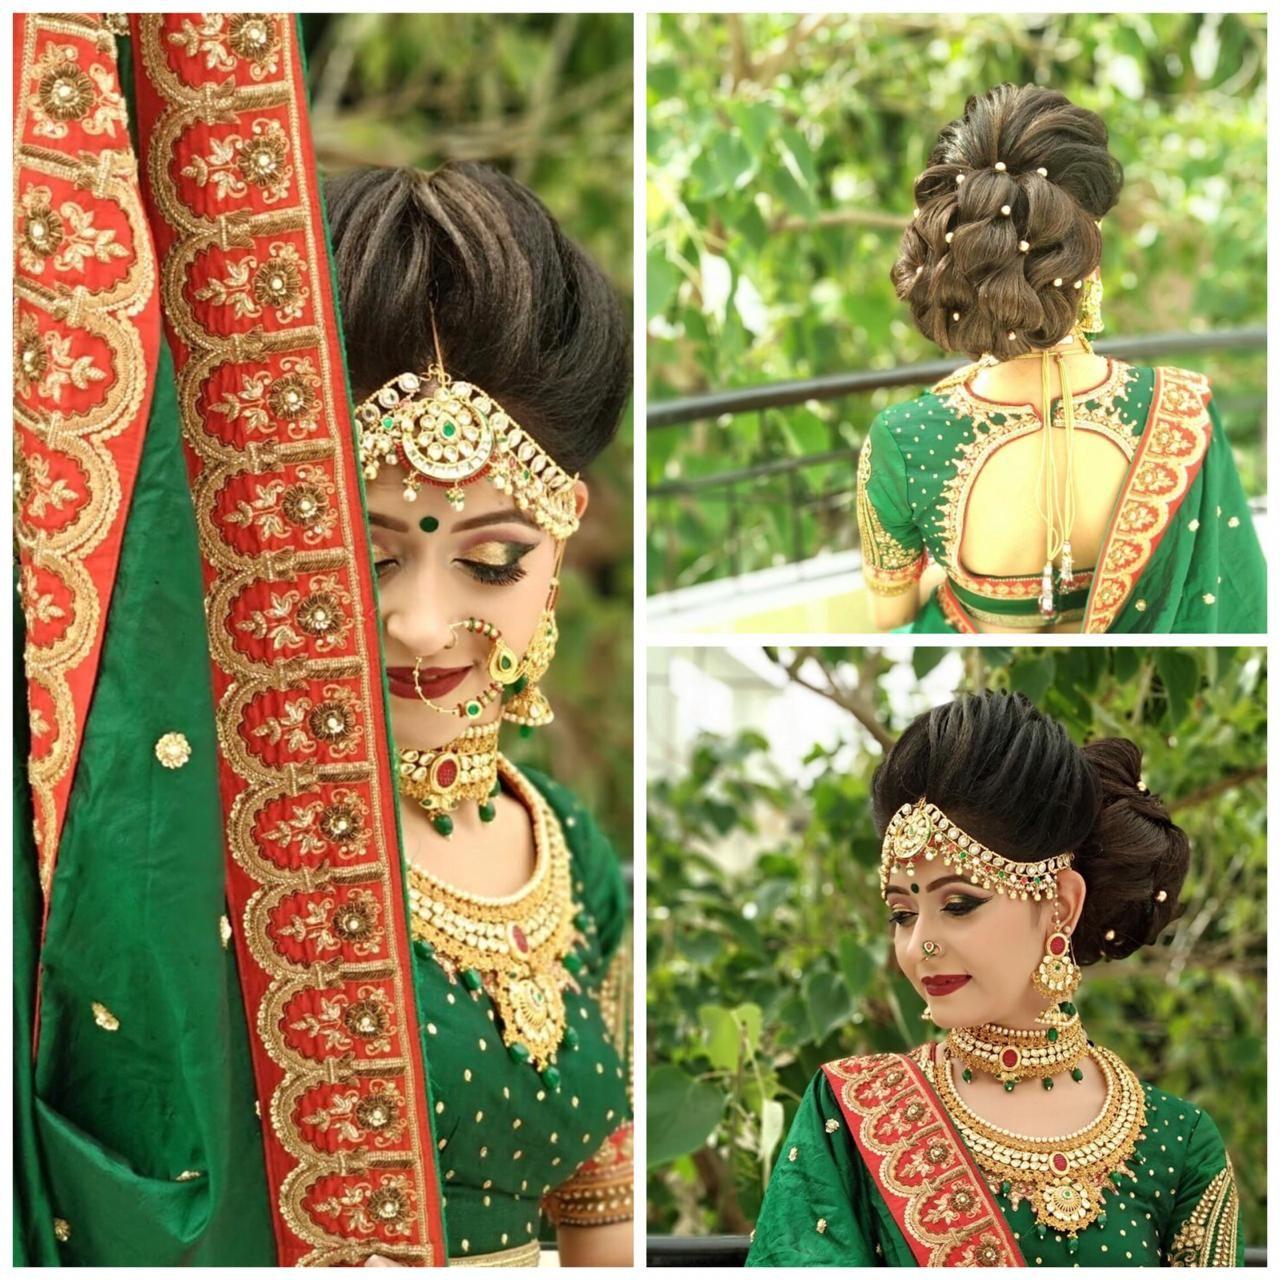 Beauty island patna, best bridal makeup artist, best